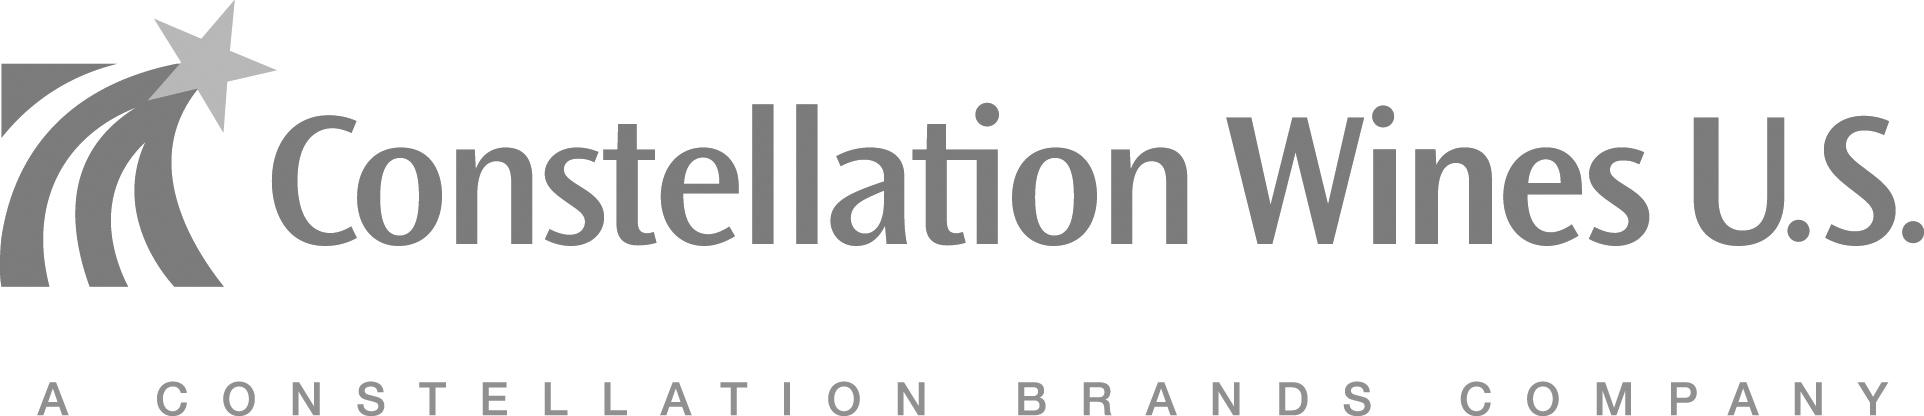 CWUS_Logo_Horizontal.png